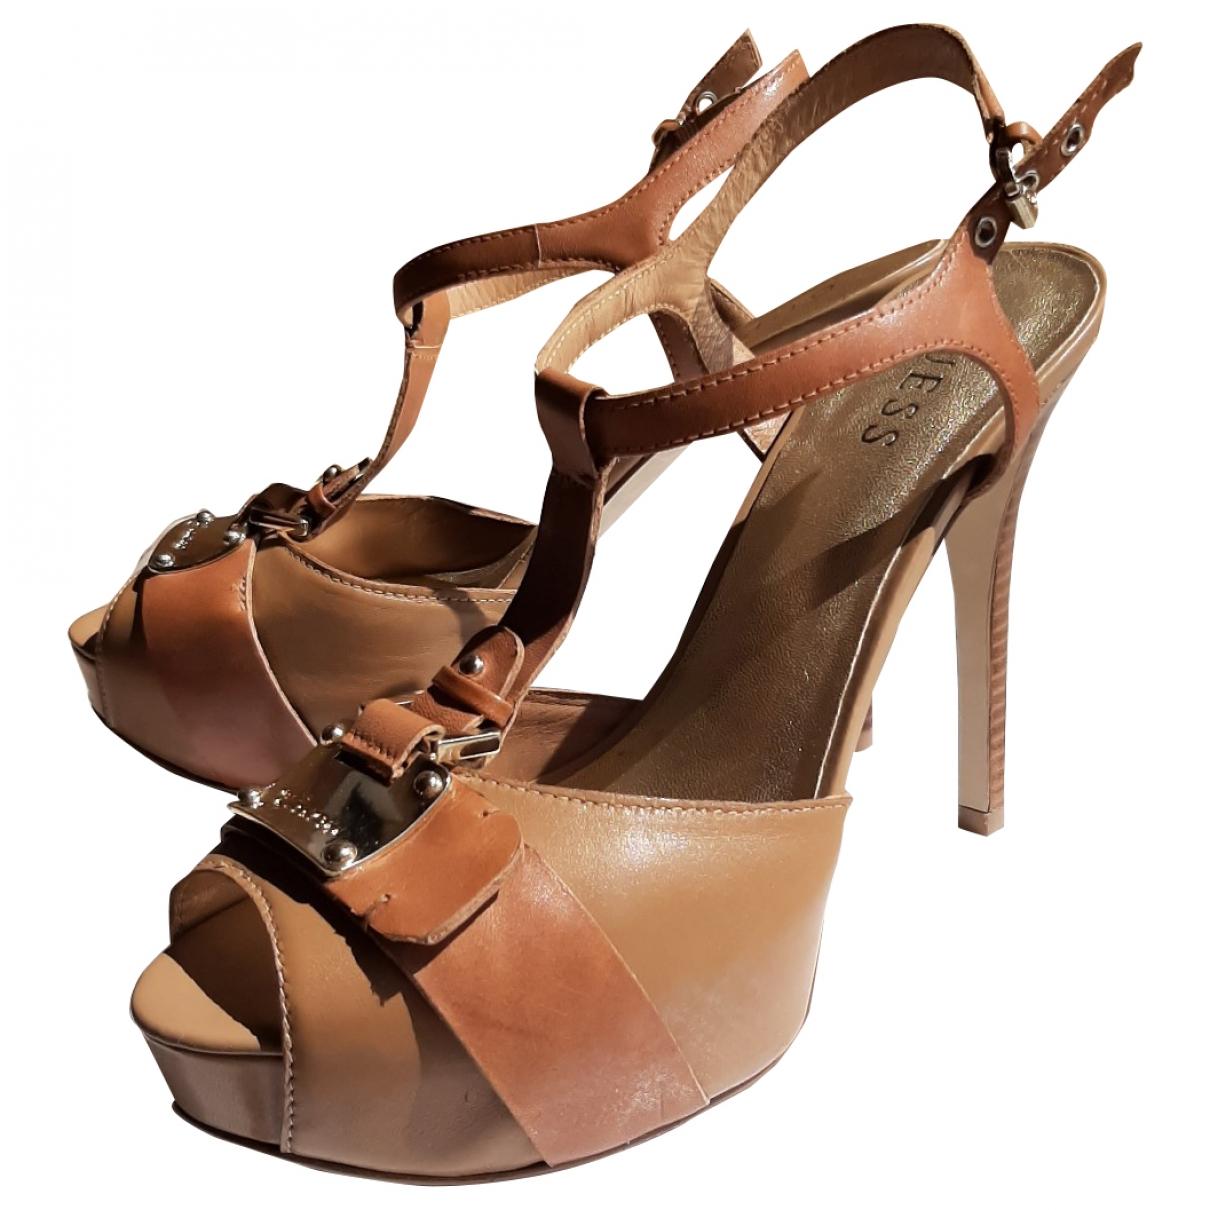 Guess - Sandales   pour femme en cuir - beige